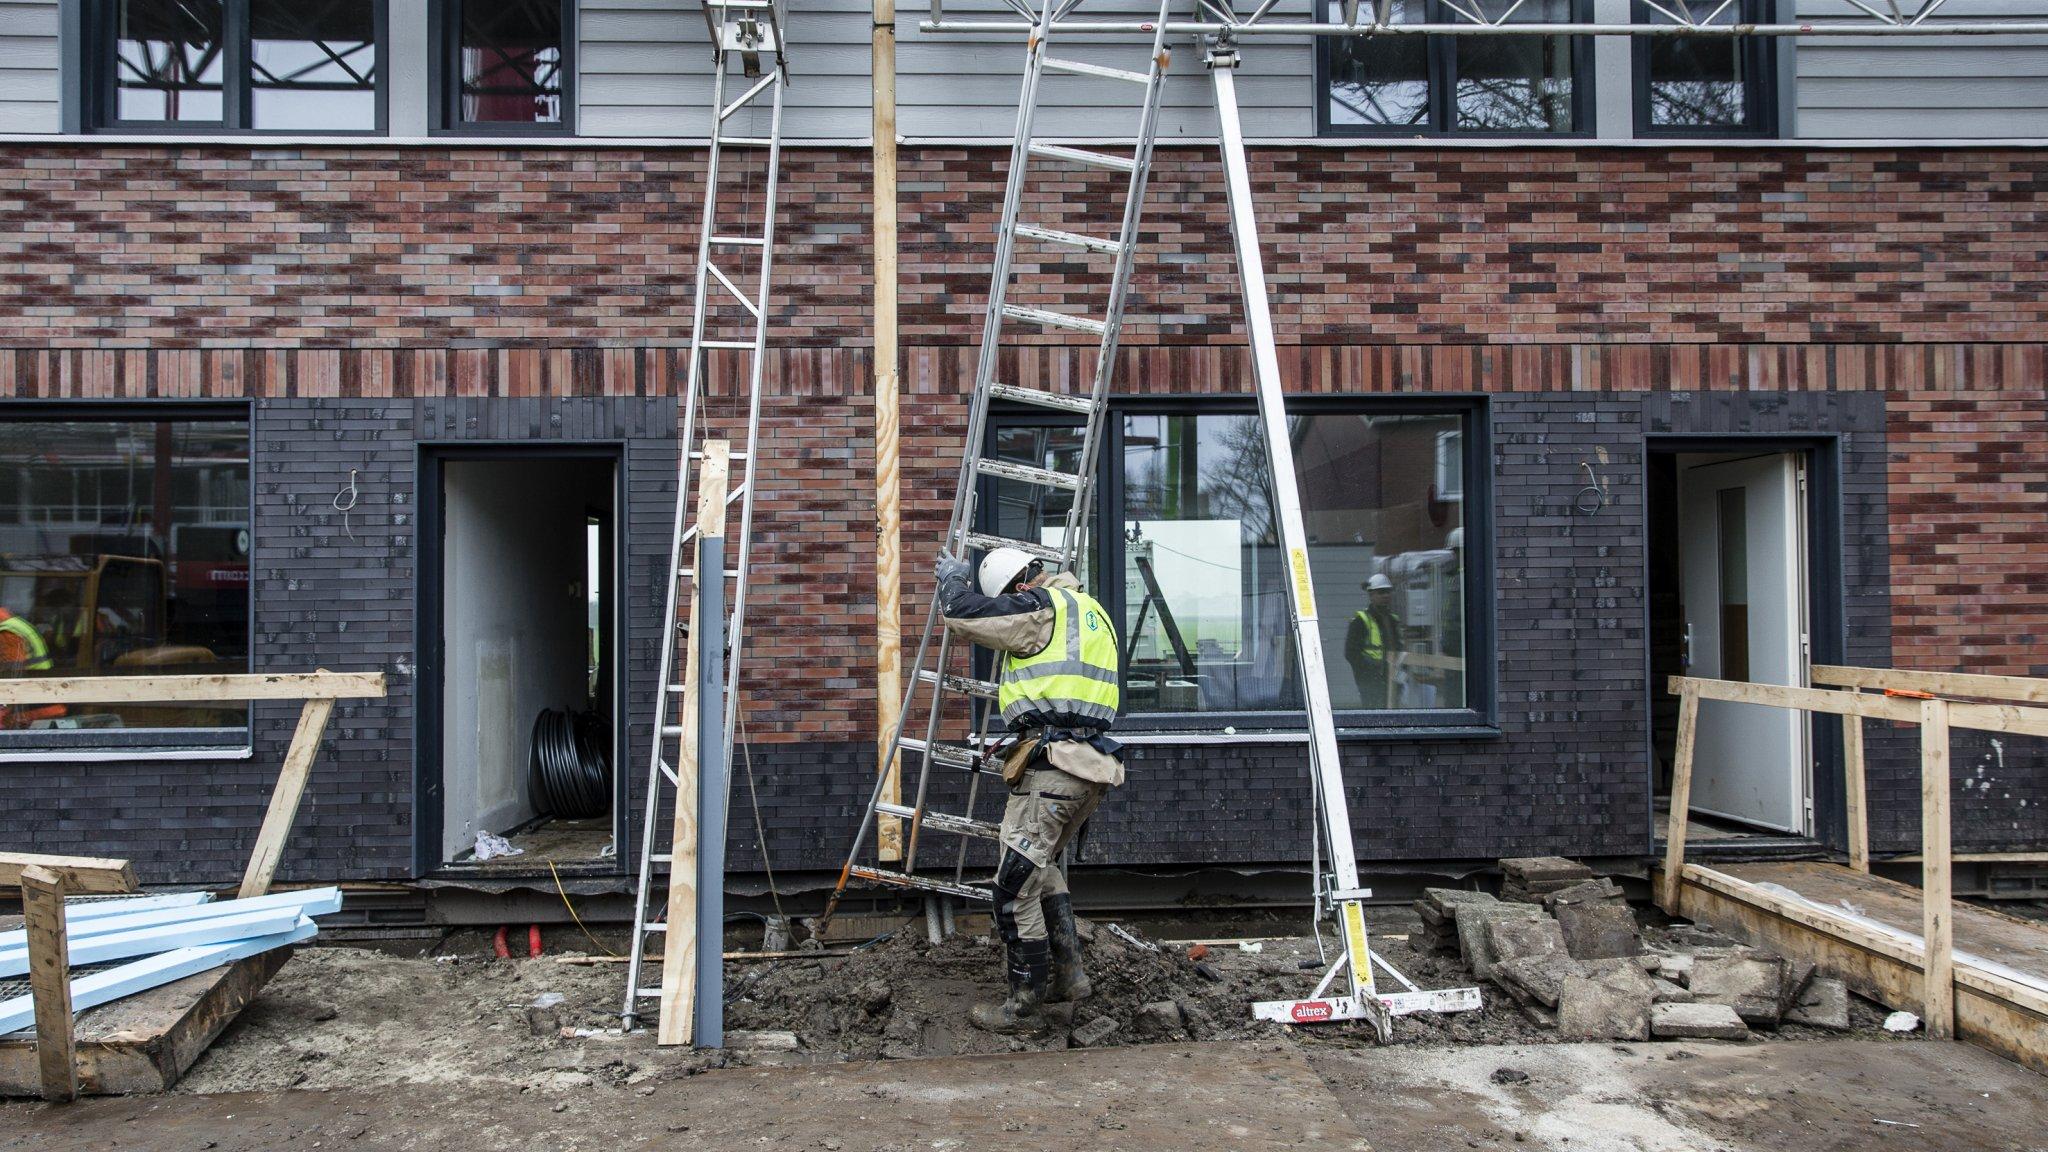 Stikstofimpasse: aantal bouwvergunningen dreigt drastisch te dalen - RTL Z